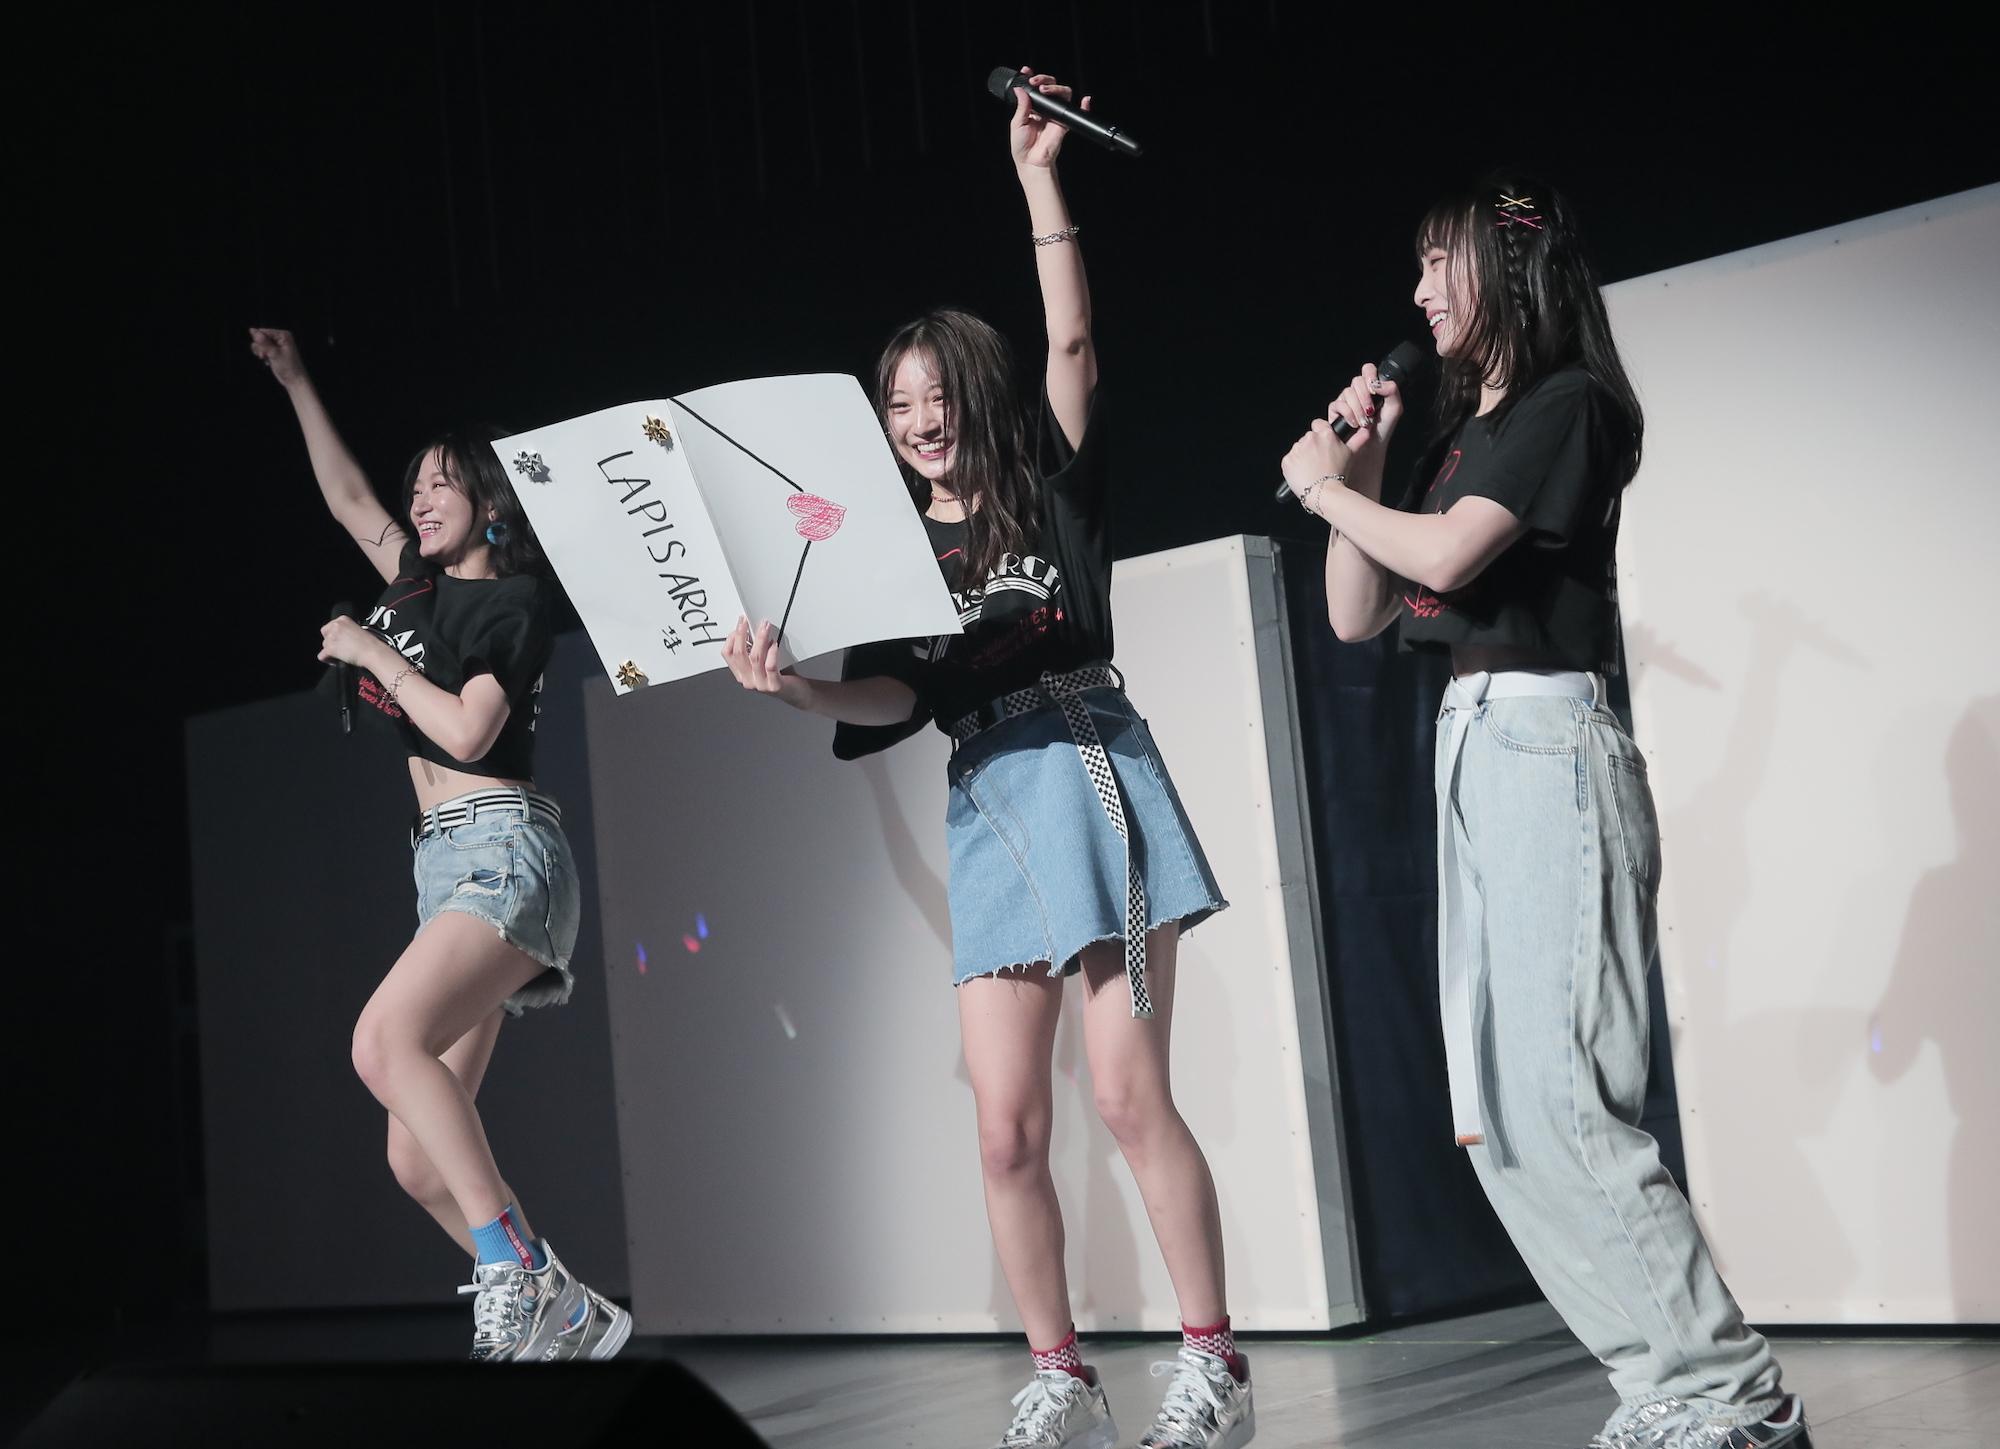 NMB48の梅山恋和・上西怜・山本彩加によるユニットLAPIS ARCH/2月14日(金)、大阪・COOL JAPAN PARK OSAKA WW ホールにてⒸNMB48